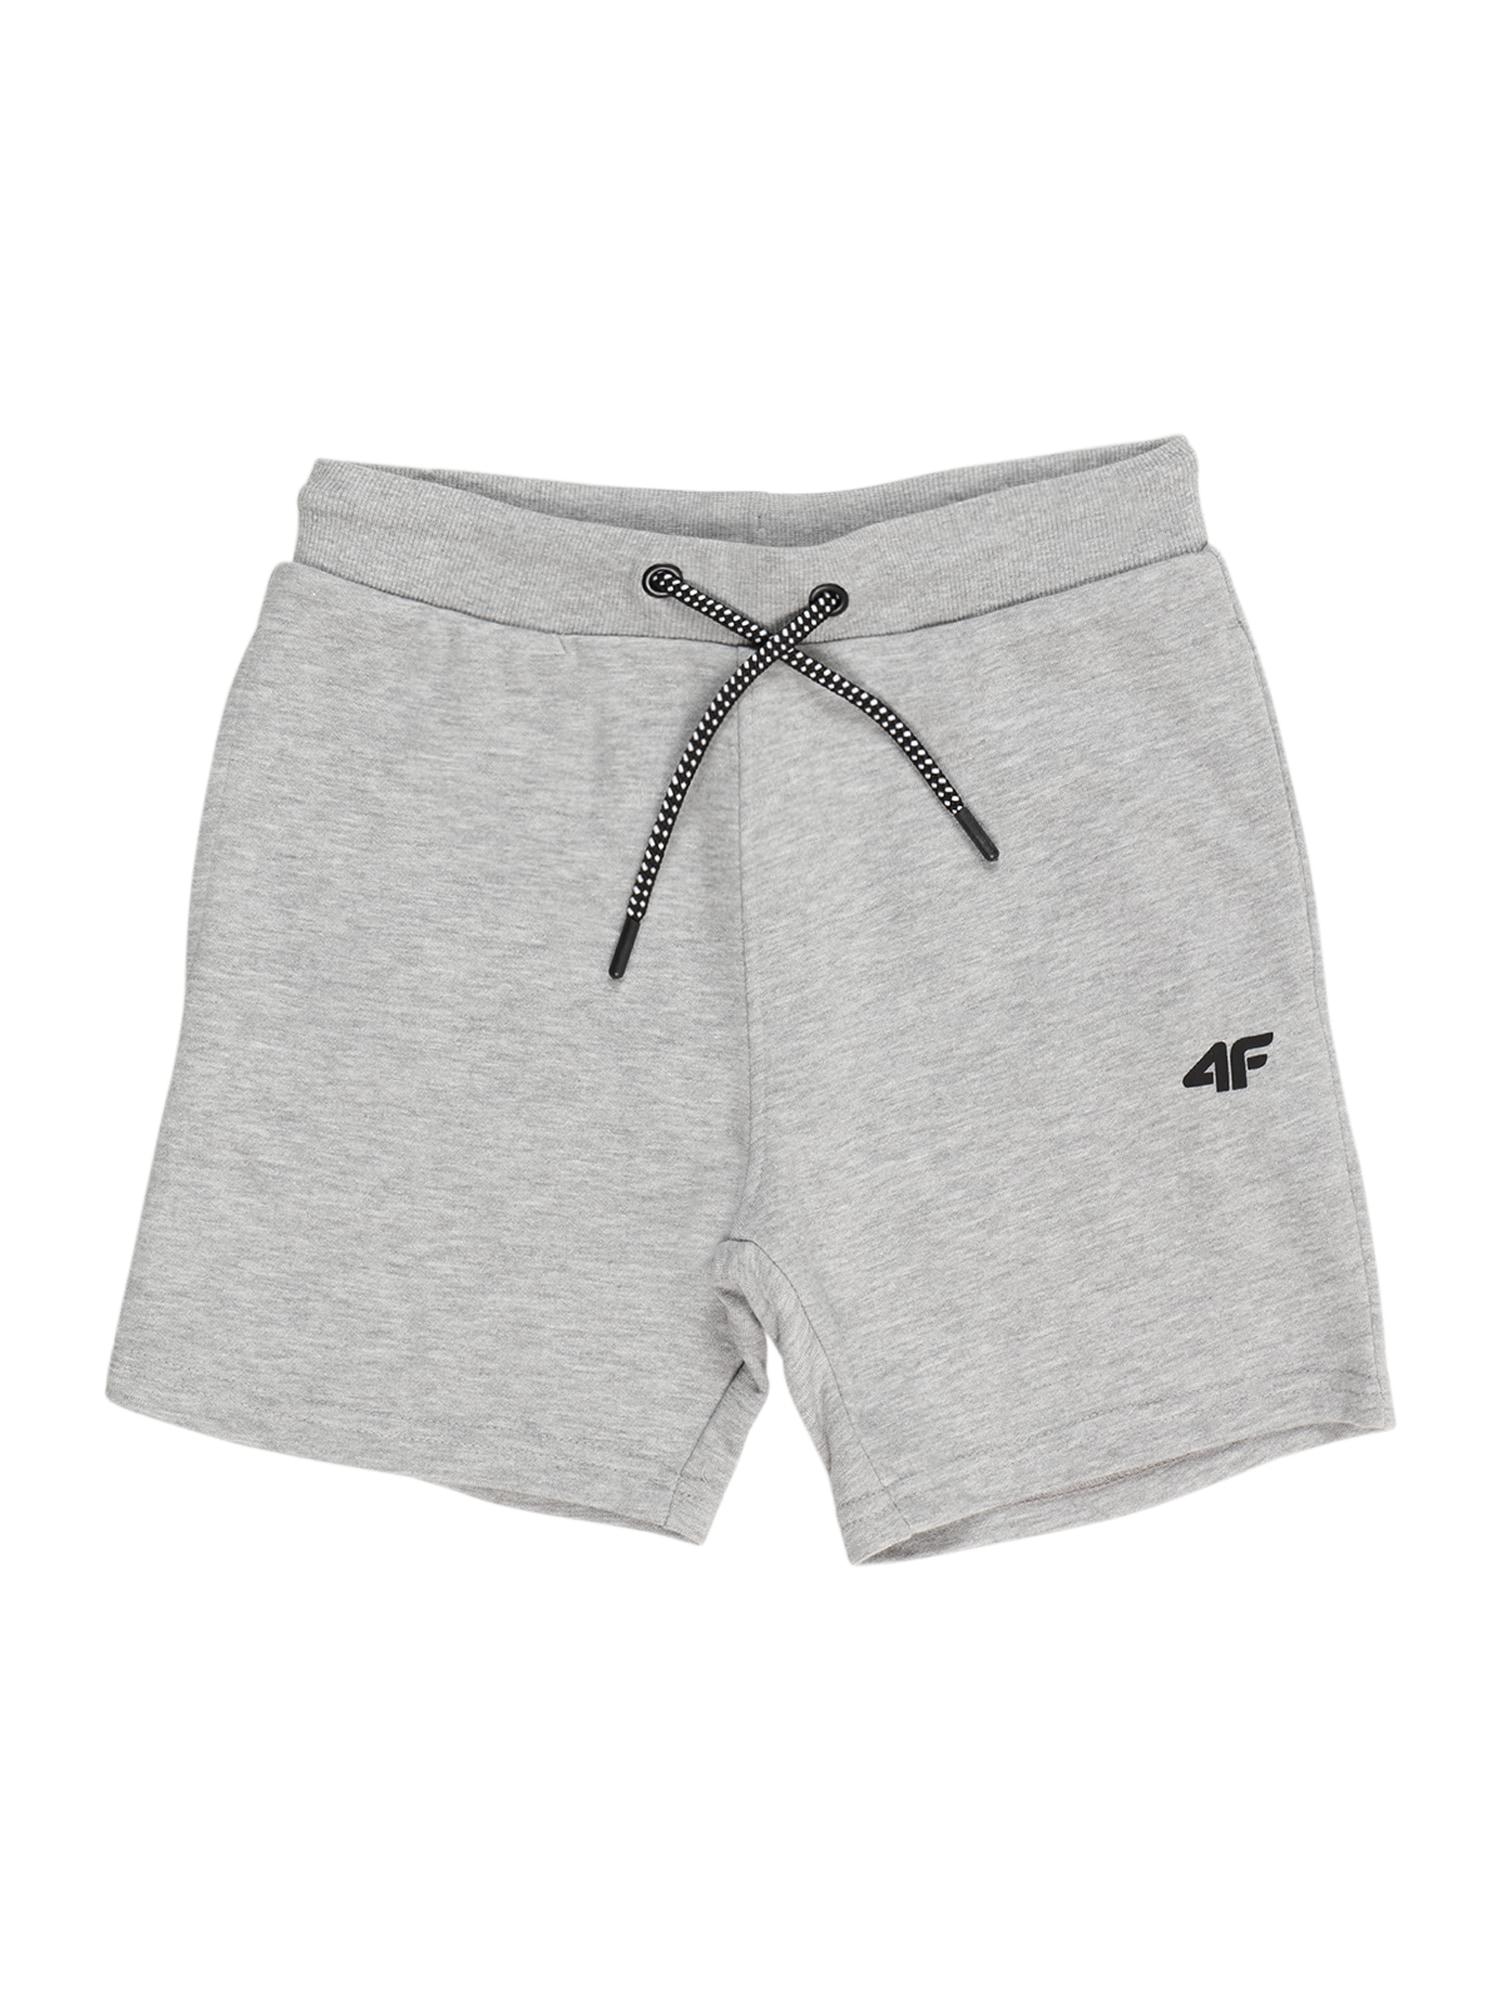 4F Sportinės kelnės šviesiai pilka / margai pilka / juoda